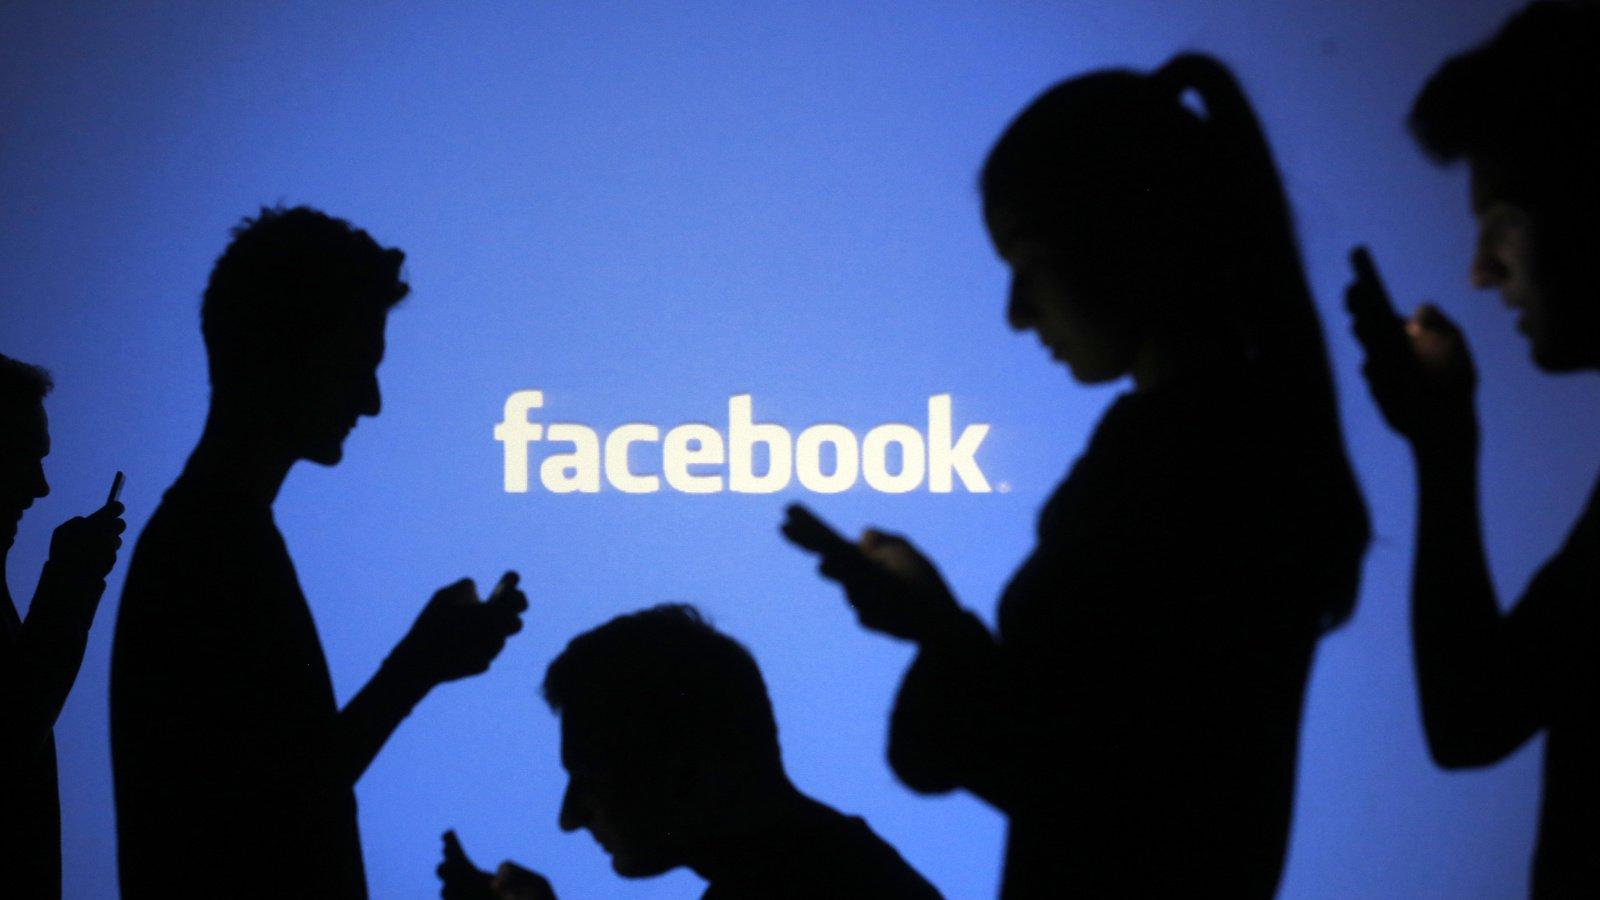 Νέα απάτη: Επιτήδειοι μοιράζουν μεγάλα χρηματικά ποσά στο Facebook